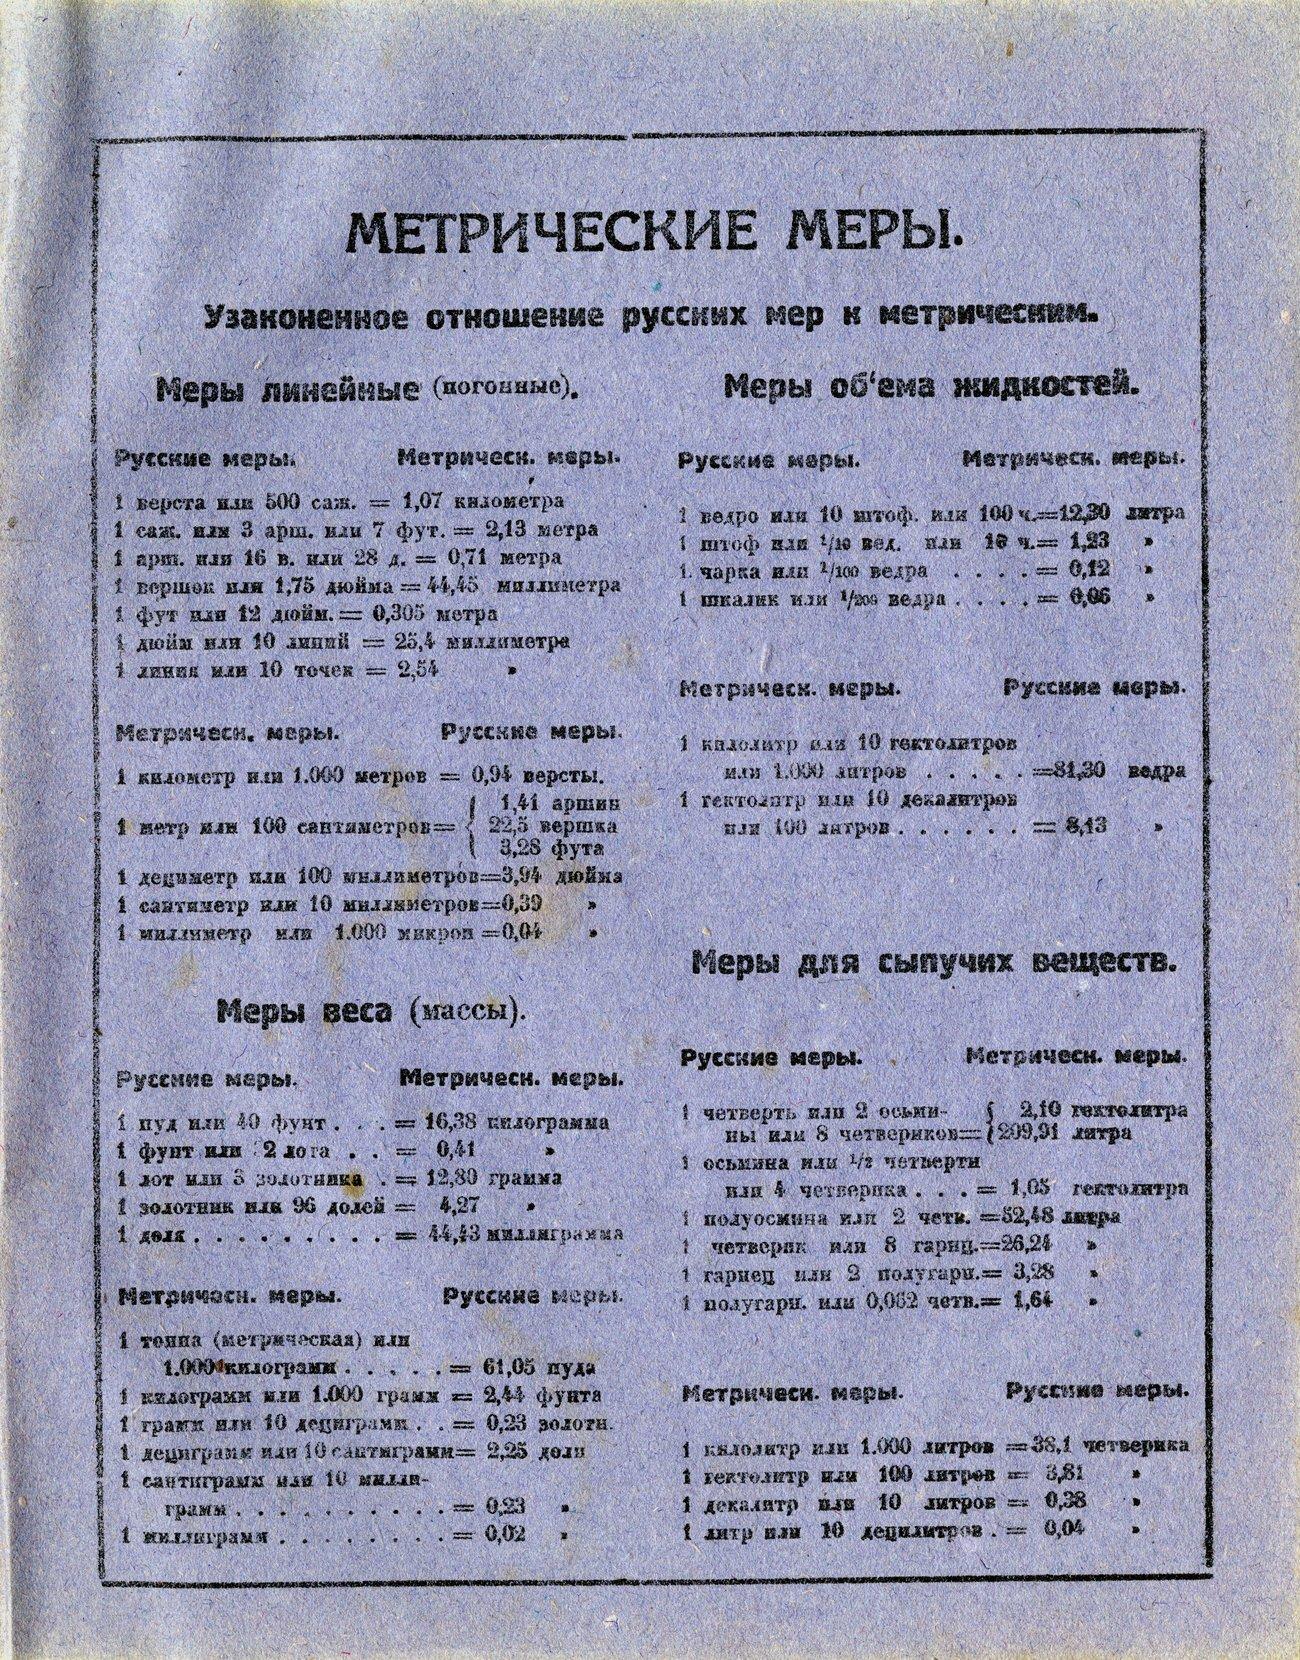 Пионерка-барабанщица, 1930, стр. 3